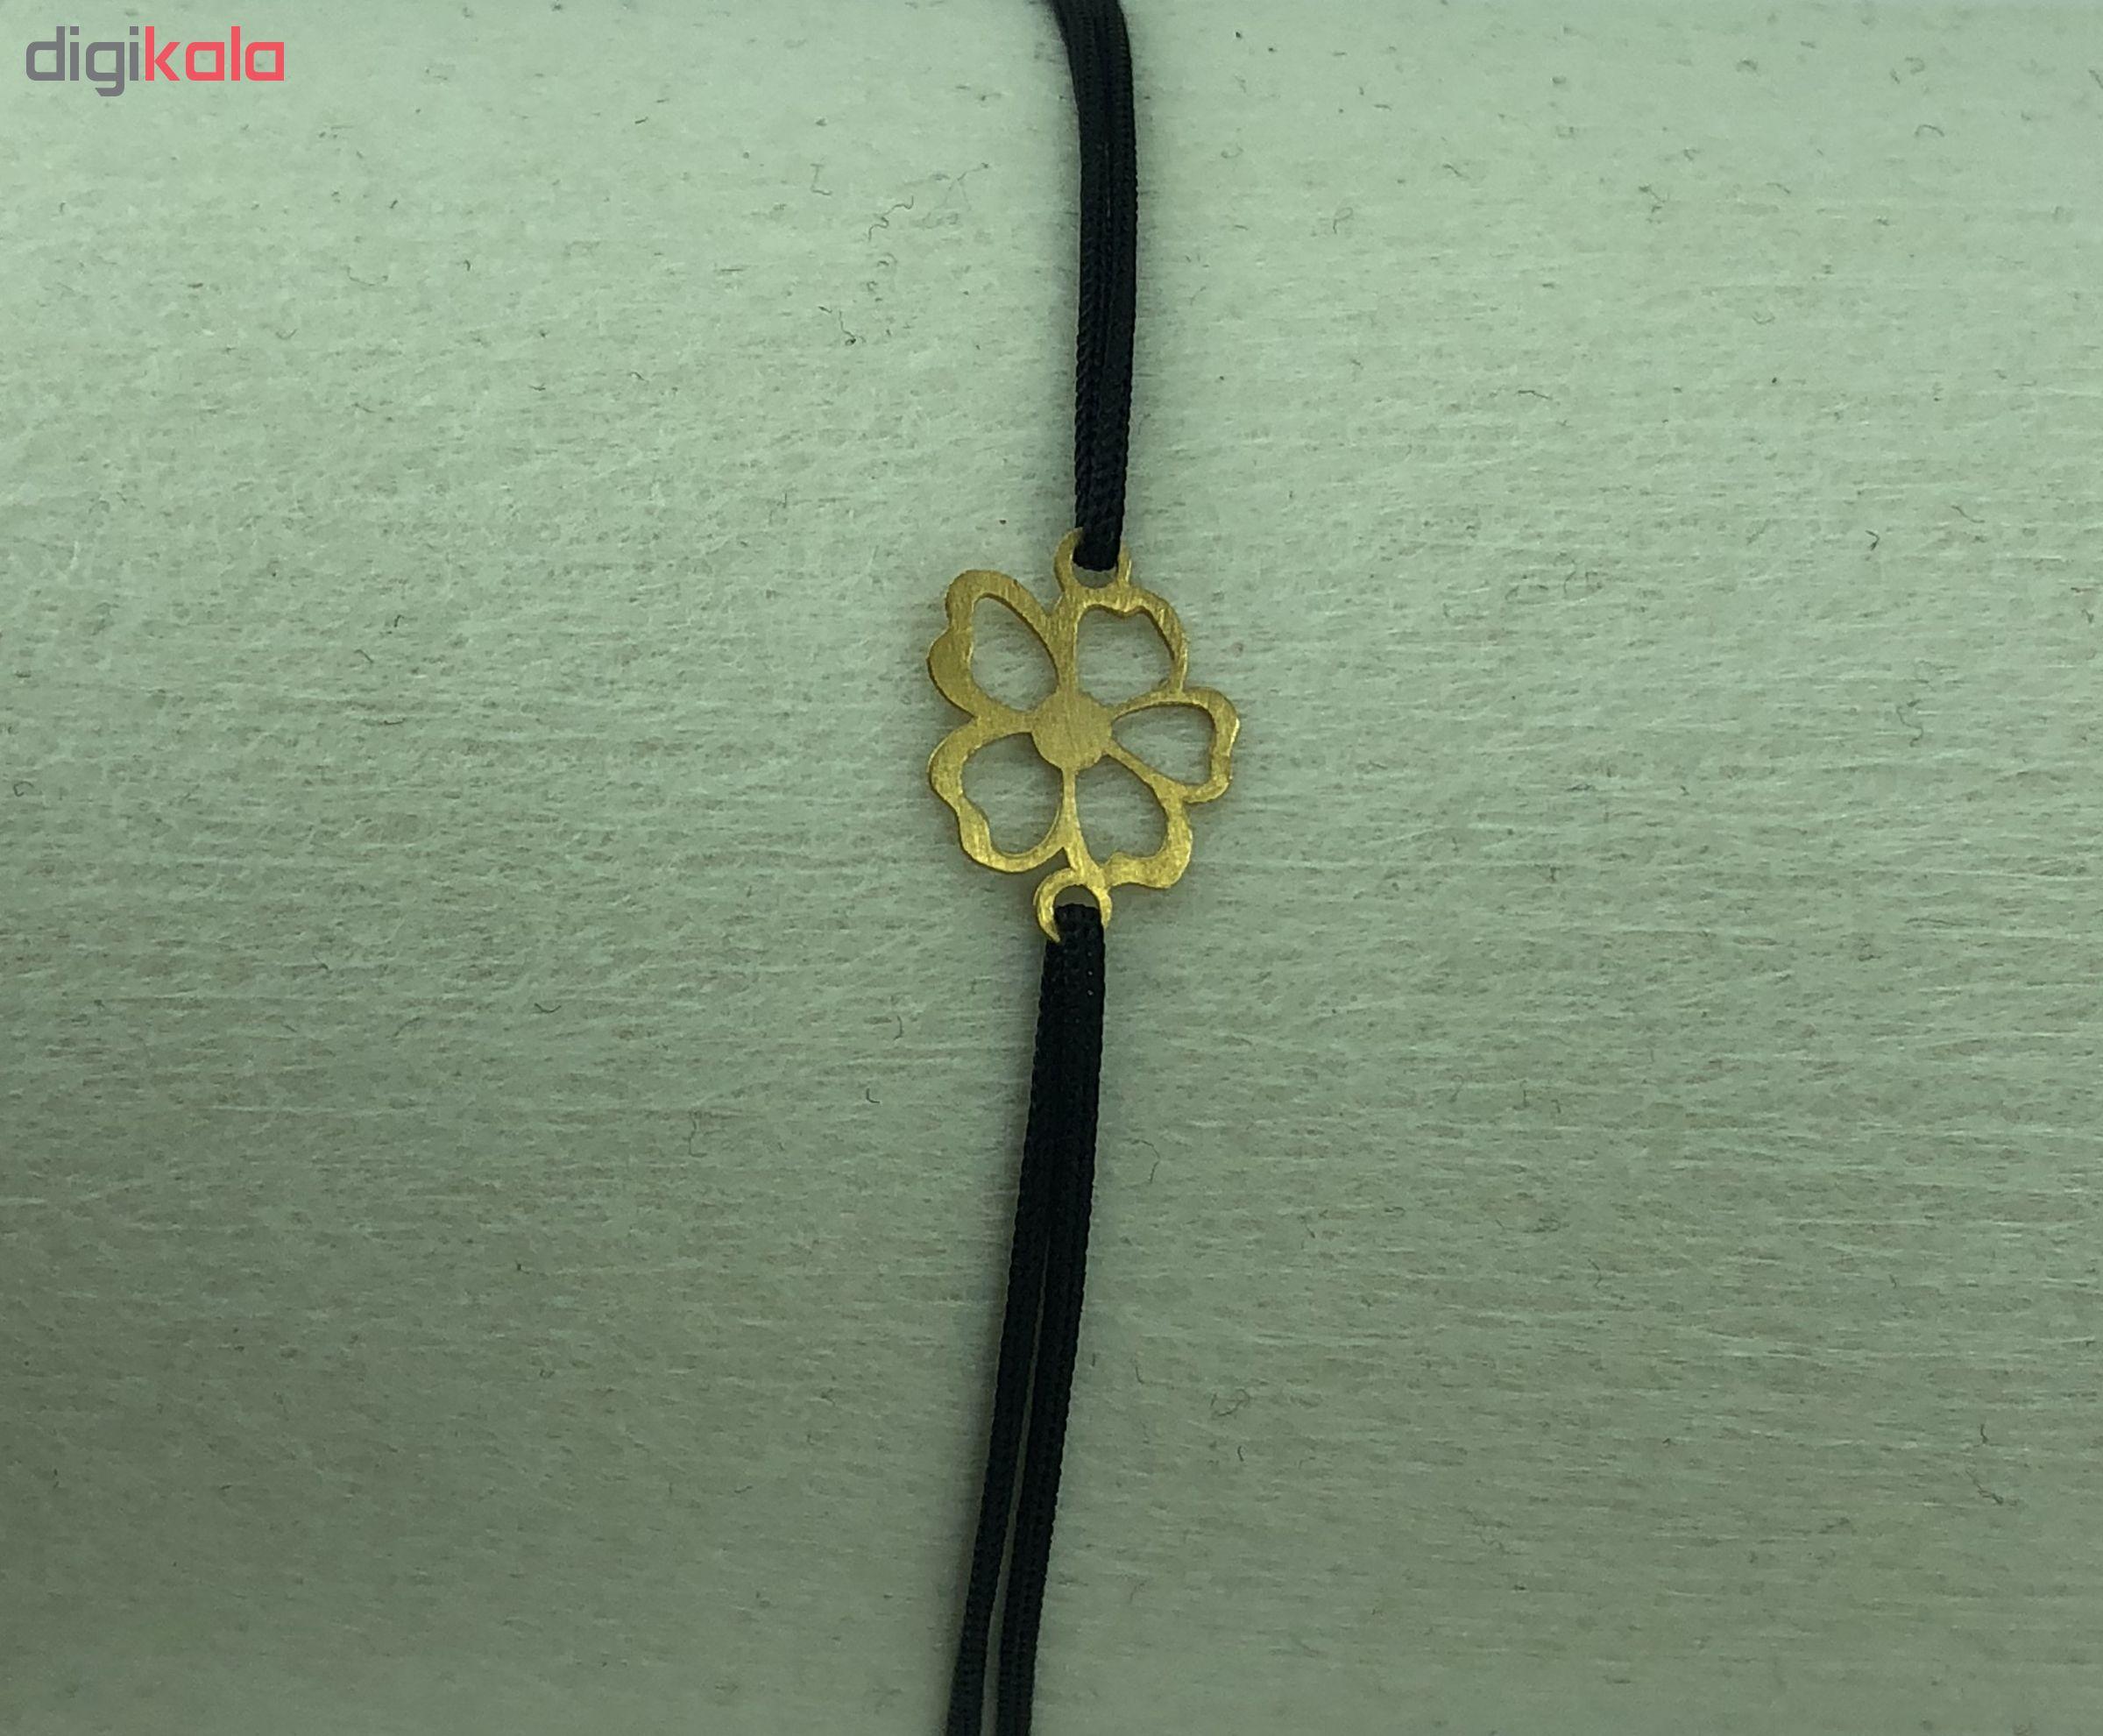 دستبند طلا 18 عیار طرح گل مدل G331